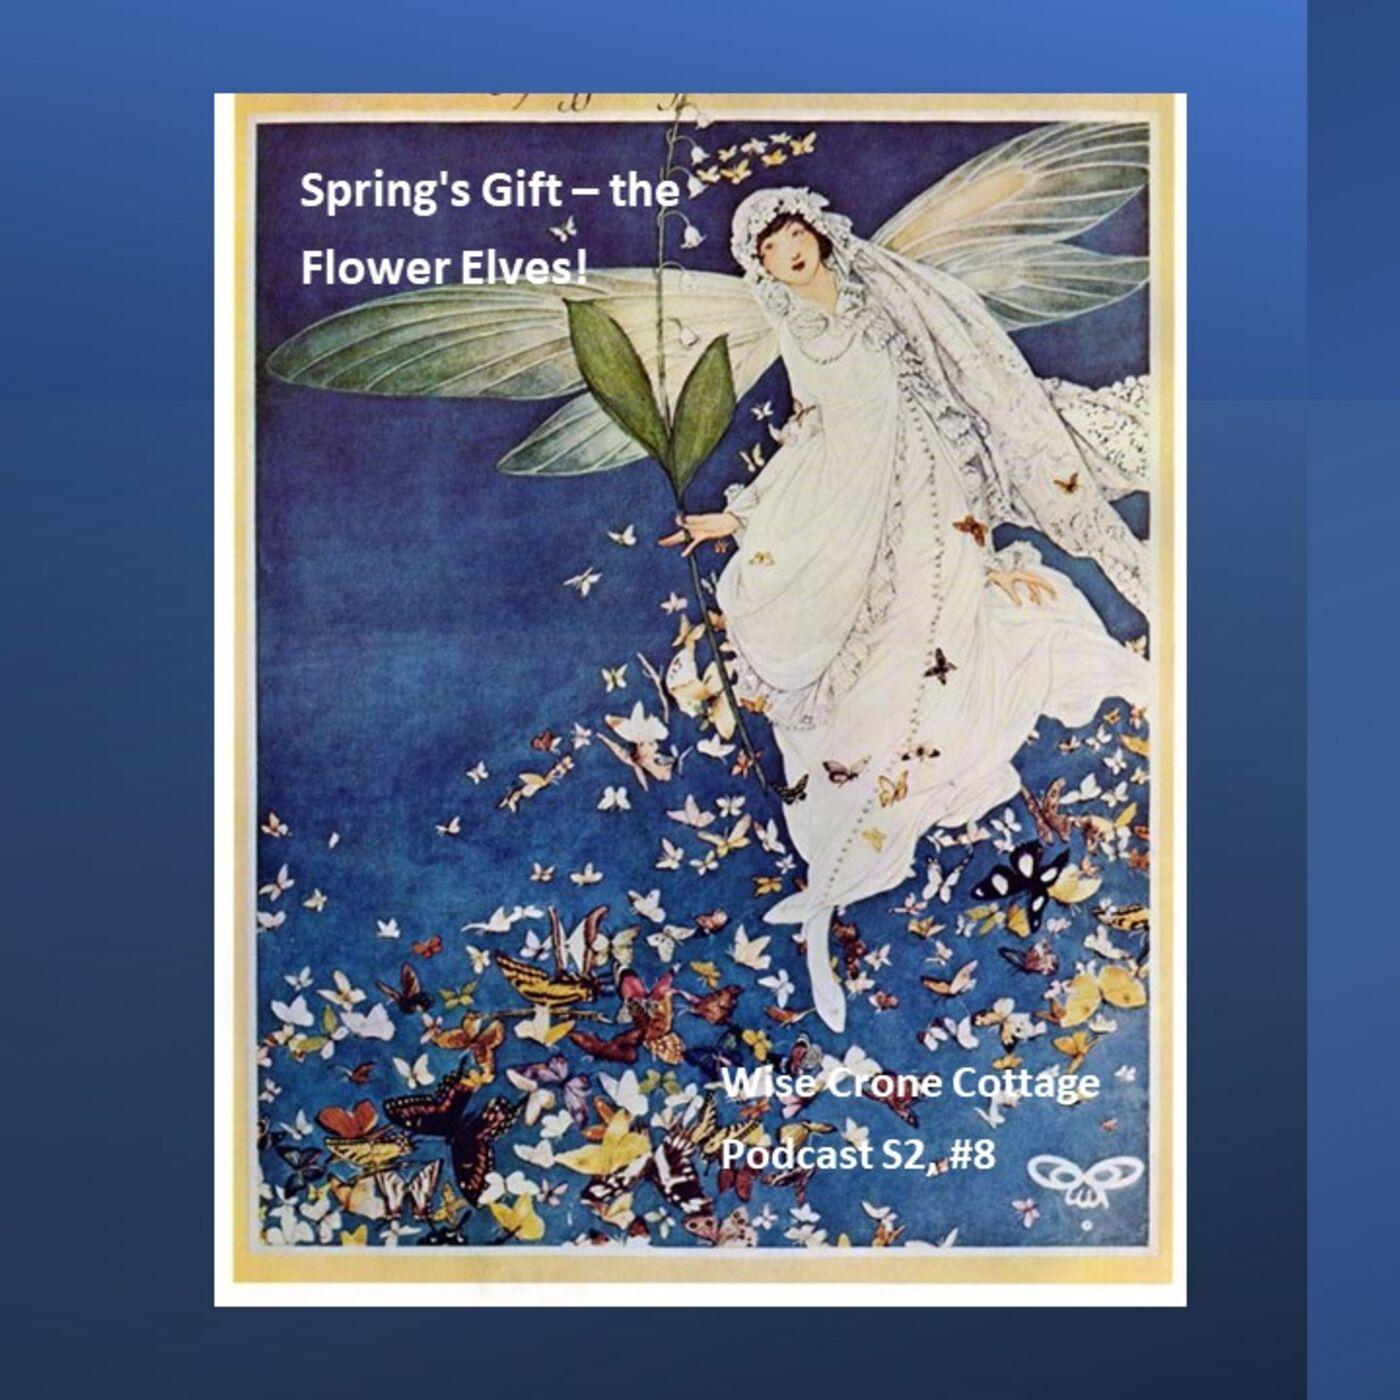 Spring's Gift - the Flower-Elves! (S2, #8)